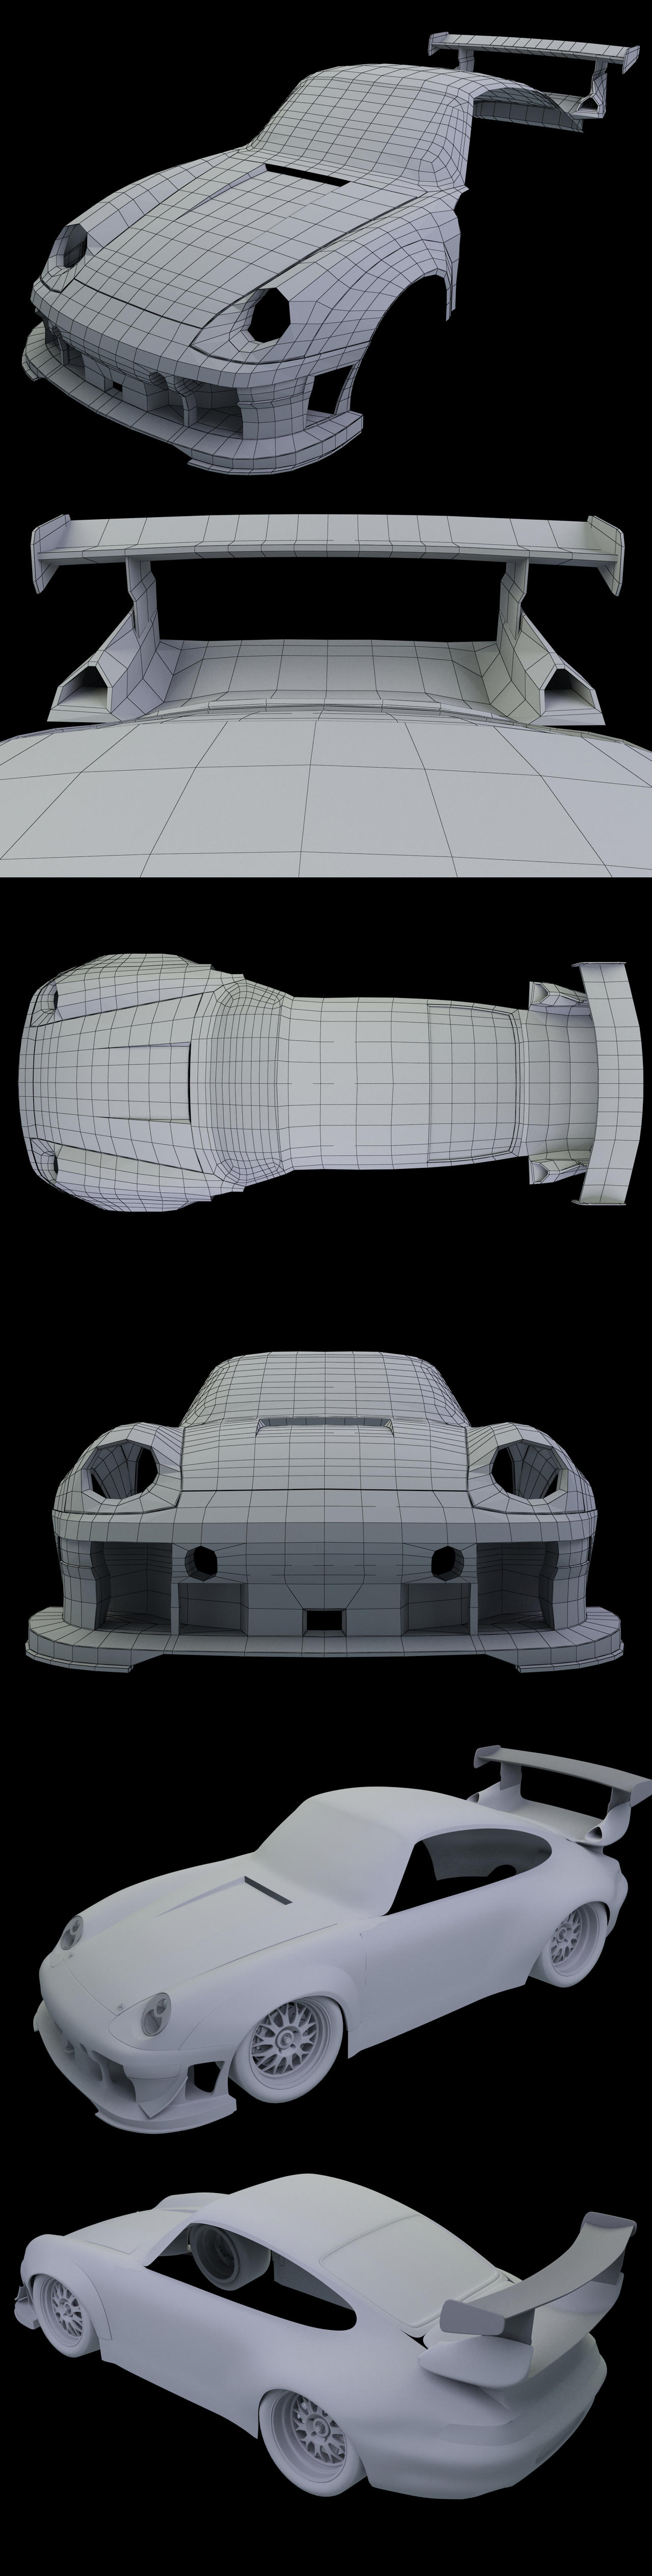 Porsch 993 911 GT2 Racer WIP04 by Pisci